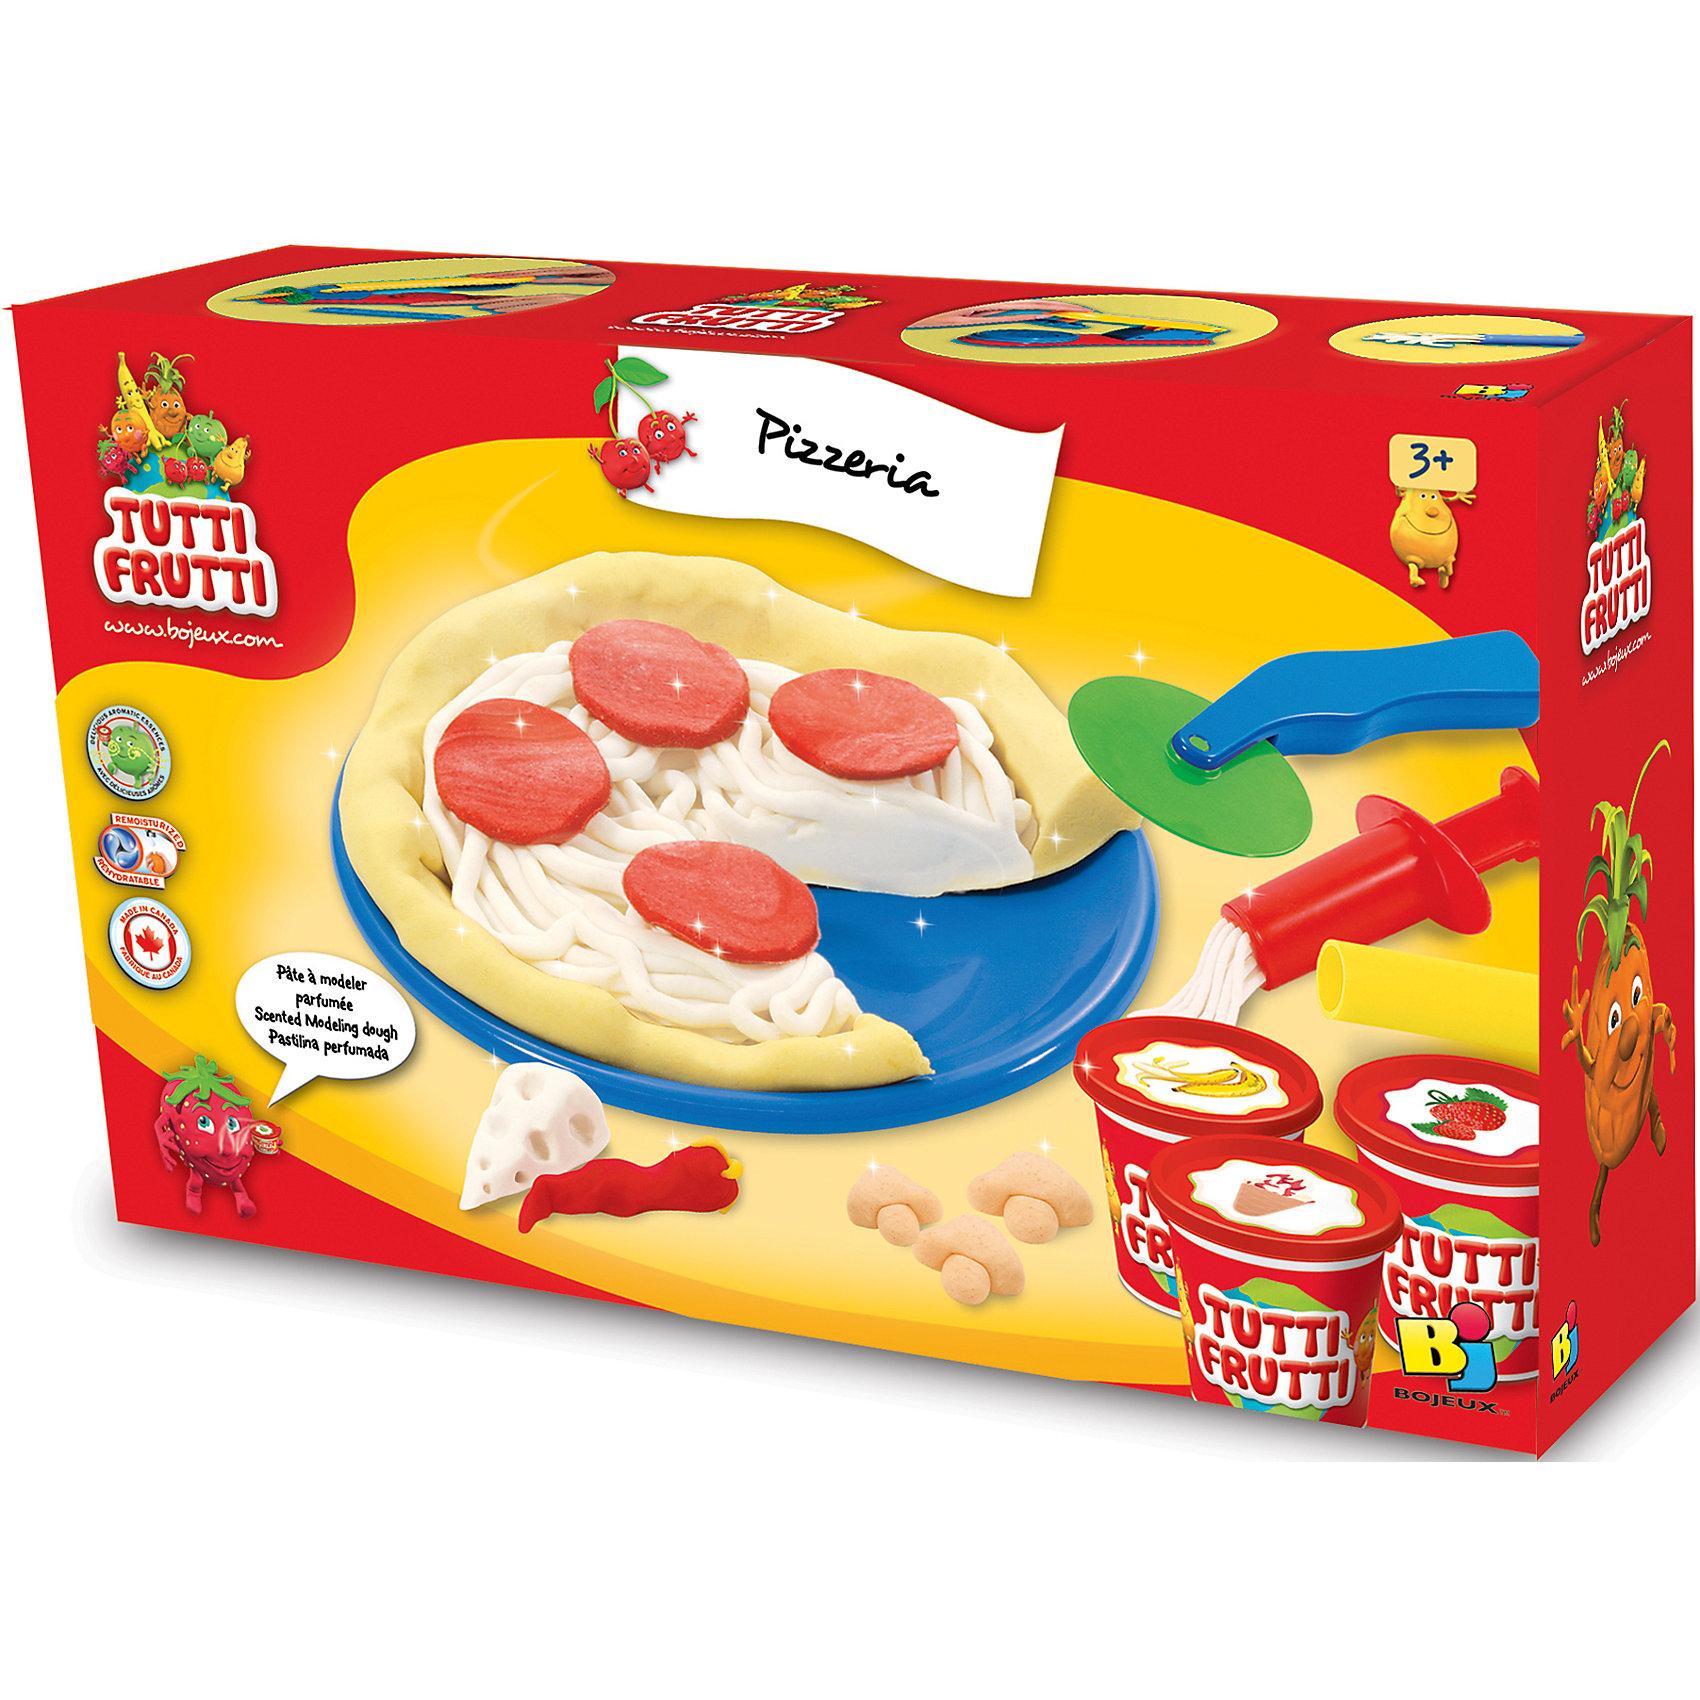 Набор массы для лепки ПиццерияЛепка<br>Характеристики товара:<br><br>• упаковка: коробка<br>• комплектация: масса для лепки, скалка, специальный пресс, лопатка, ножички и две тарелочки<br>• масса приятно пахнет<br>• цветов: 3<br>• размер упаковки: 24х18 см<br>• возраст: от трех лет<br>• развивающая<br>• страна бренда: Канада<br>• страна производства: Канада<br><br>Лепка - отличный способ занять ребенка. Это не только занимательно, но и очень полезно! С помощью такого набора для творчества ребенок сможет сам сделать пиццу с помощью инструментов, а дальше - делать более сложные предметы. Эта масса для лепки - безопасный материал, который приятно пахнет. В комплекте - масса для лепки, скалка, специальный пресс, лопатка, ножички и две тарелочки.<br>Такое занятие помогает детям развивать многие важные навыки и способности: они тренируют внимание, память, логику, мышление, мелкую моторику, а также усидчивость и аккуратность. Изделие производится из качественных сертифицированных материалов, безопасных даже для самых маленьких.<br><br>Набор массы для лепки Пиццерия Genio Kids можно купить в нашем интернет-магазине.<br><br>Ширина мм: 185<br>Глубина мм: 53<br>Высота мм: 245<br>Вес г: 400<br>Возраст от месяцев: 36<br>Возраст до месяцев: 108<br>Пол: Унисекс<br>Возраст: Детский<br>SKU: 5075314